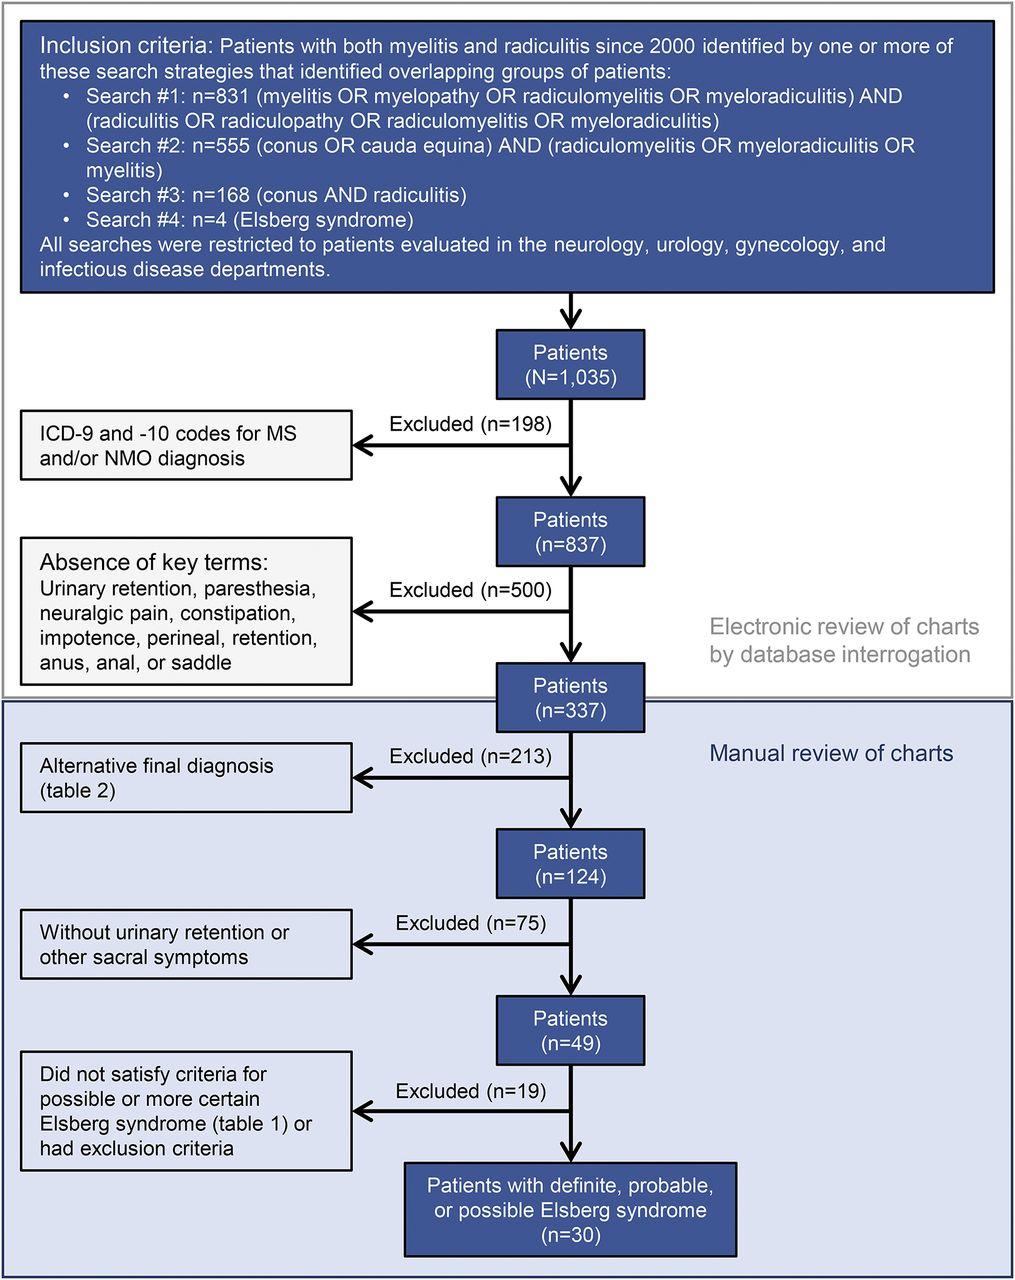 Elsberg syndrome | Neurology Neuroimmunology & Neuroinflammation